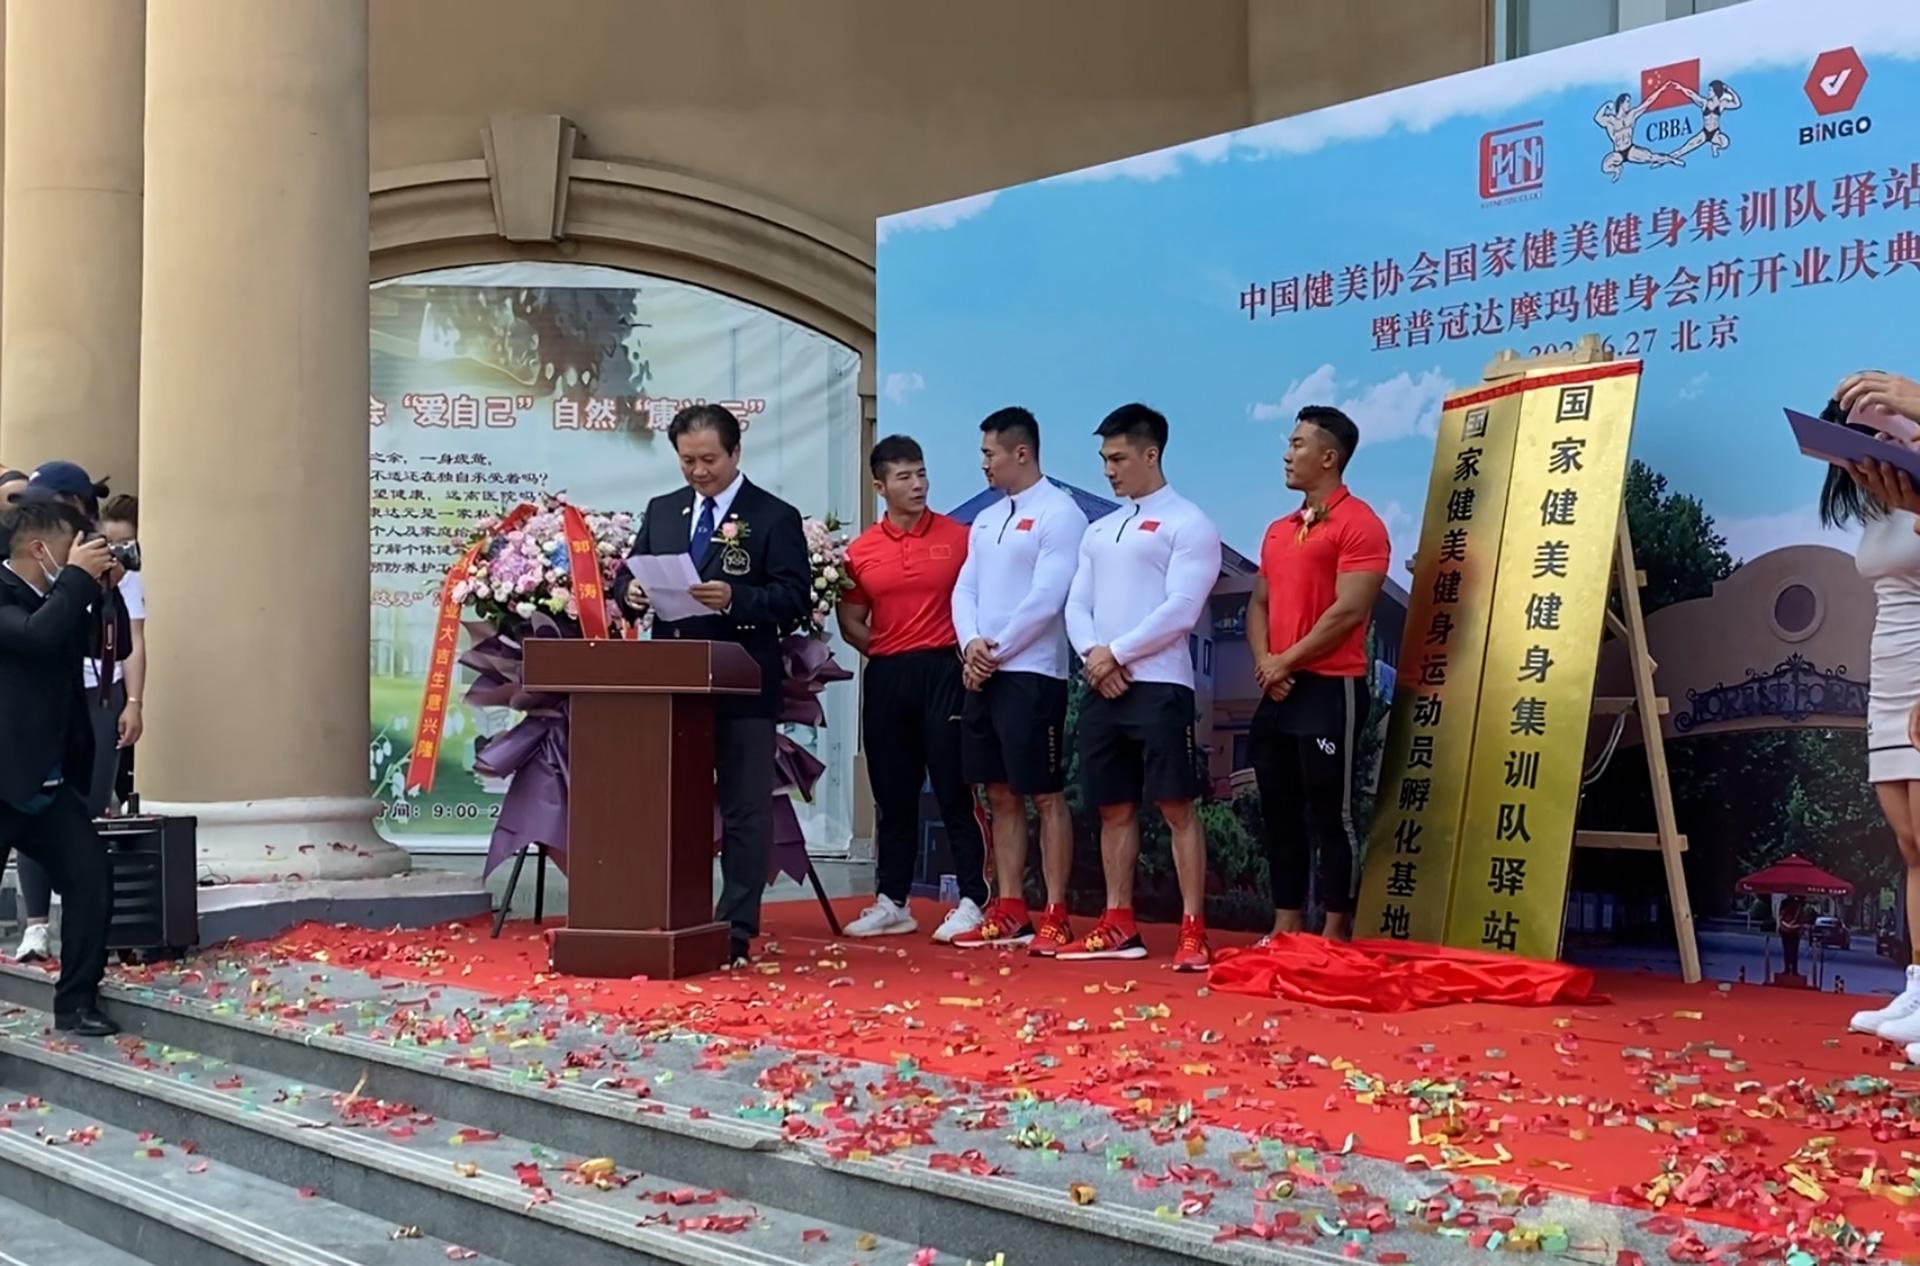 普冠达摩玛健身会所盛大开业,国家健美健身集训队驿站授权仪式